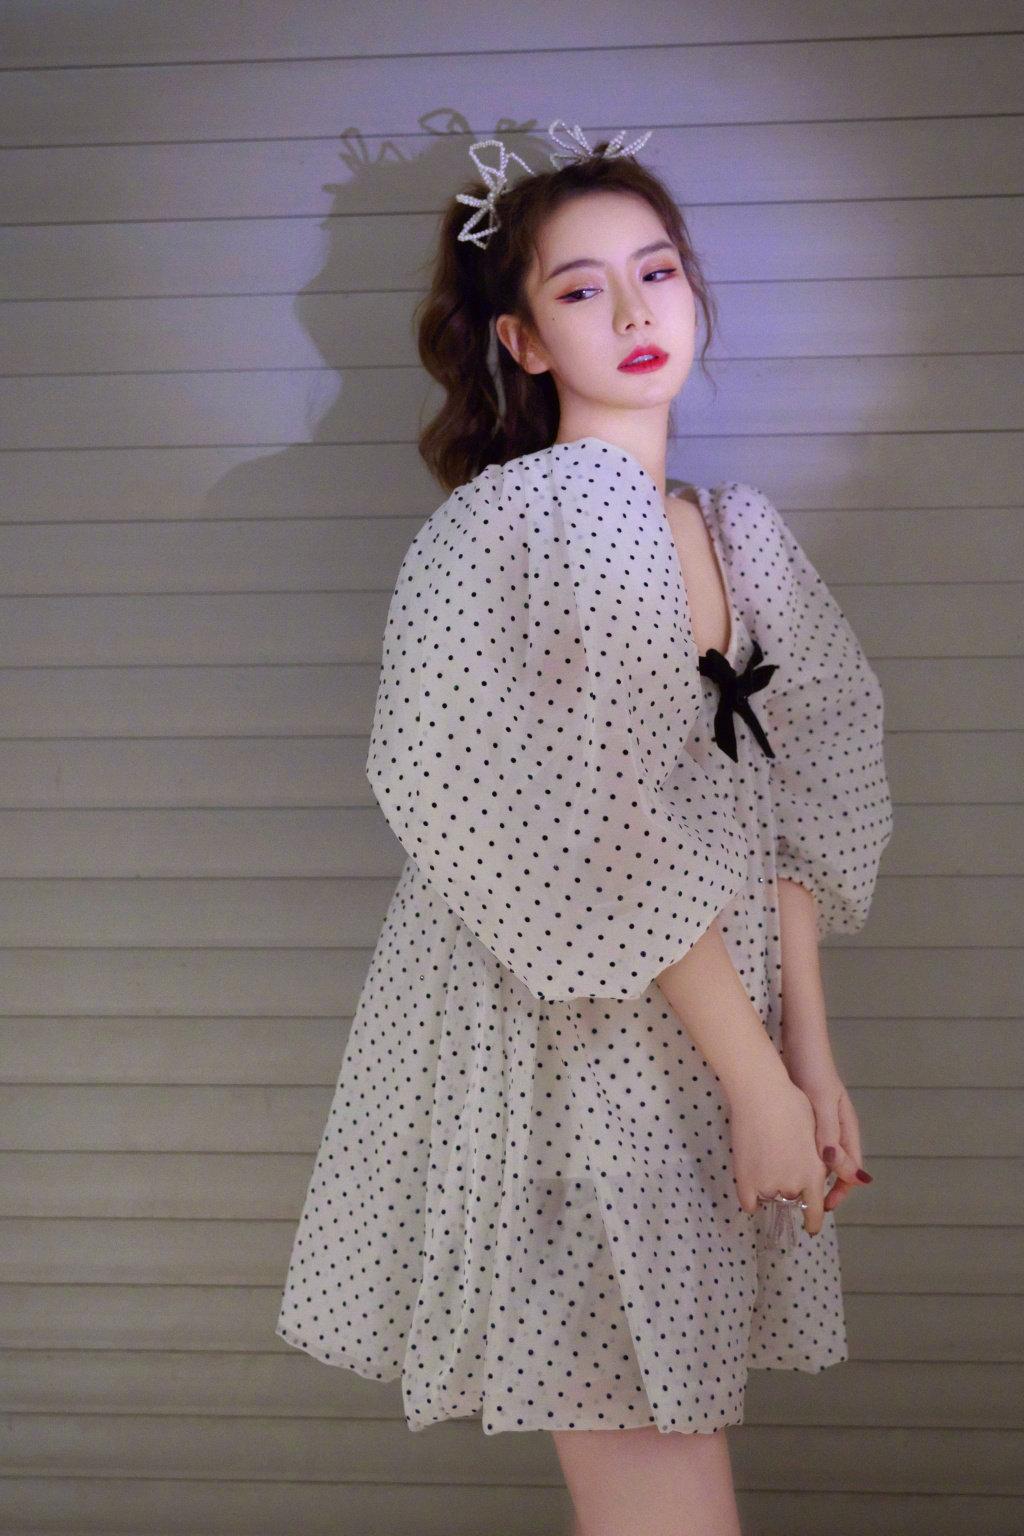 戚薇穿着轻盈的白色波点裙,梳起蝴蝶结双马尾